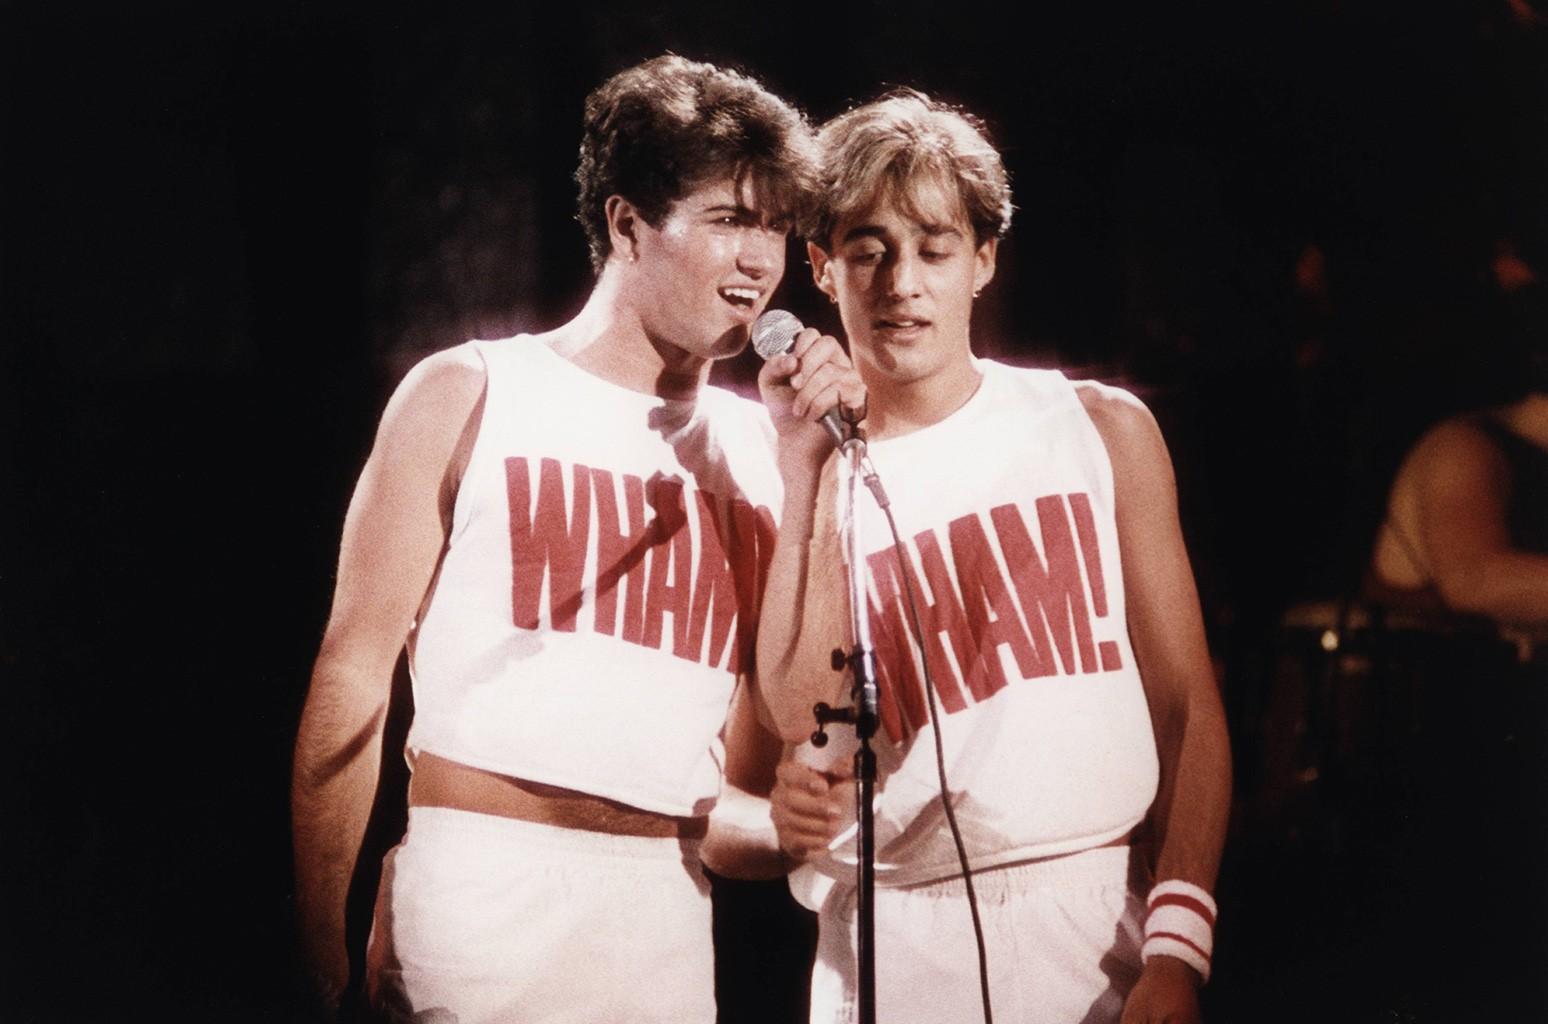 George Michael & Andrew Ridgeley of WHAM!